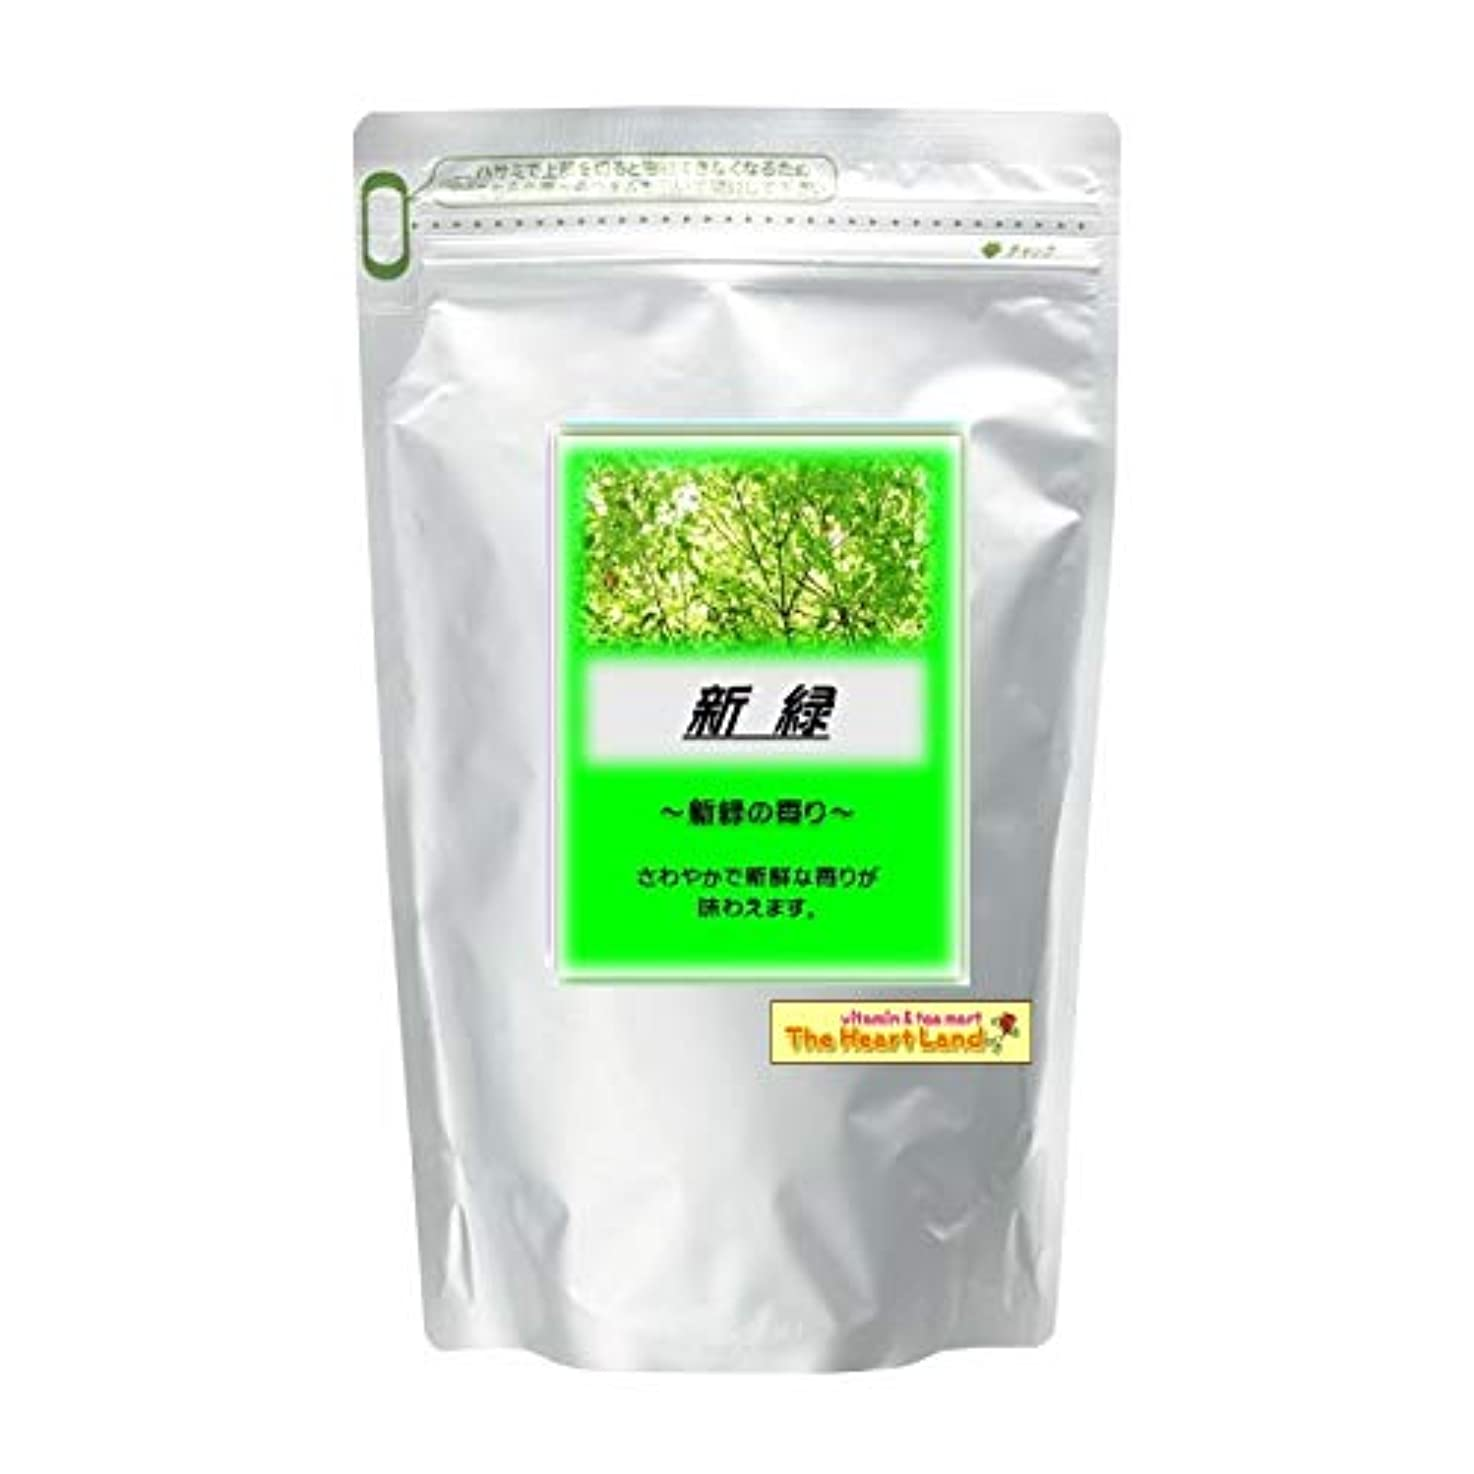 嘆くクレタ非公式アサヒ入浴剤 浴用入浴化粧品 新緑 2.5kg